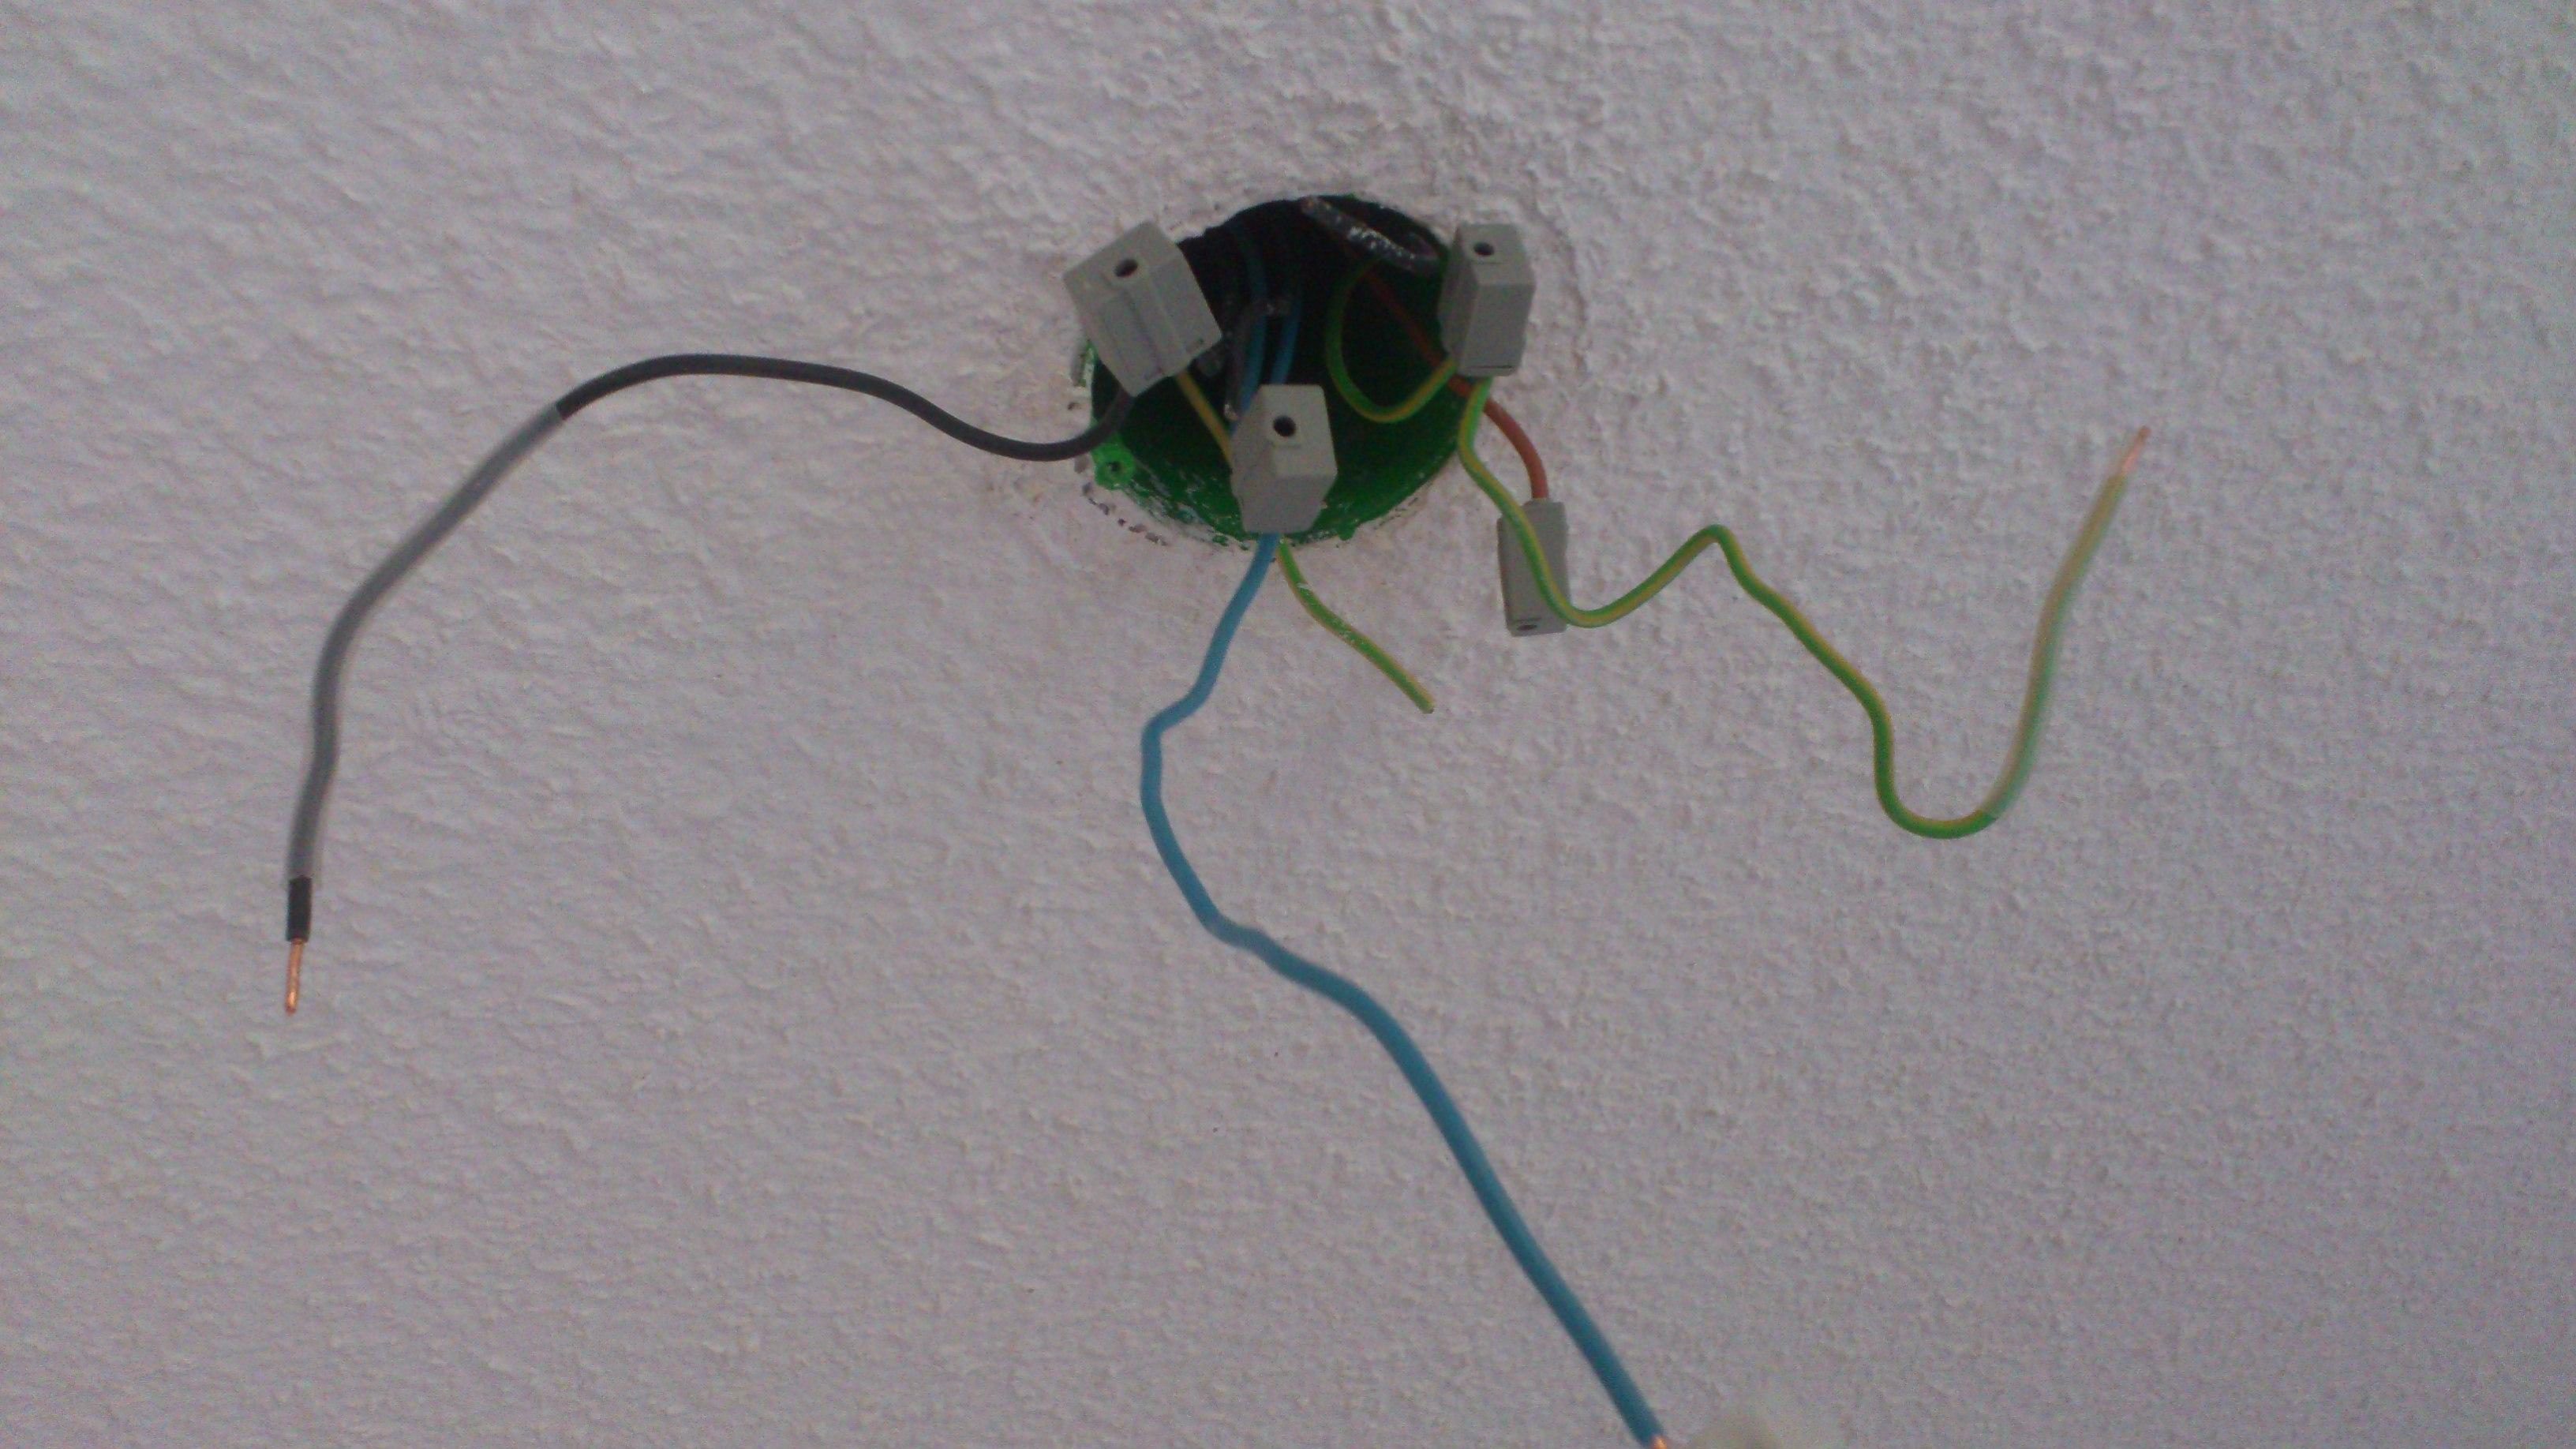 strom auf schutzleiter elektronik licht. Black Bedroom Furniture Sets. Home Design Ideas